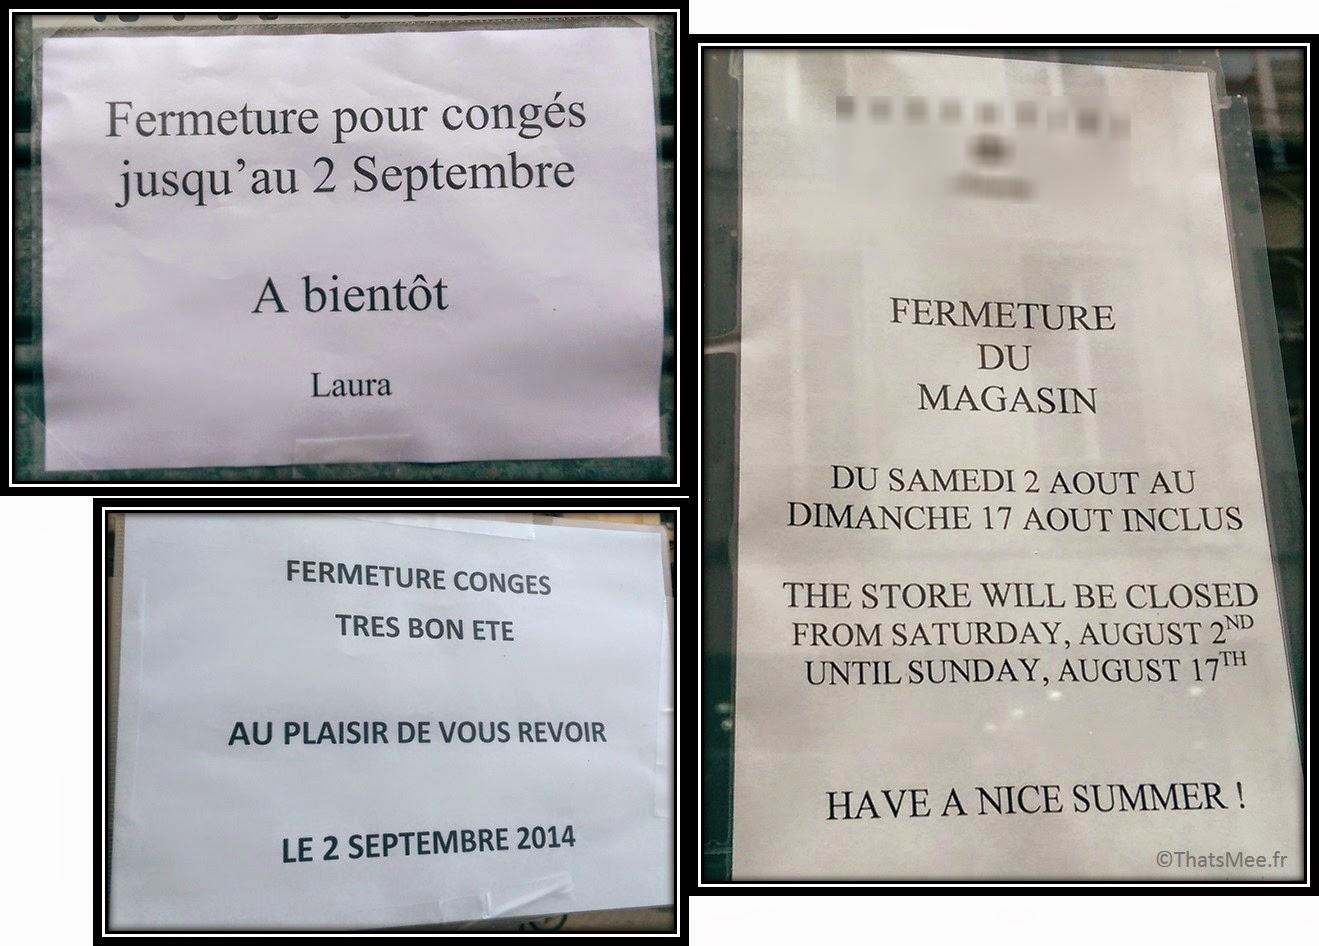 magasin fermé en aout, librairie debelleyme essentiel antwerp fermé en étéParis désert galère